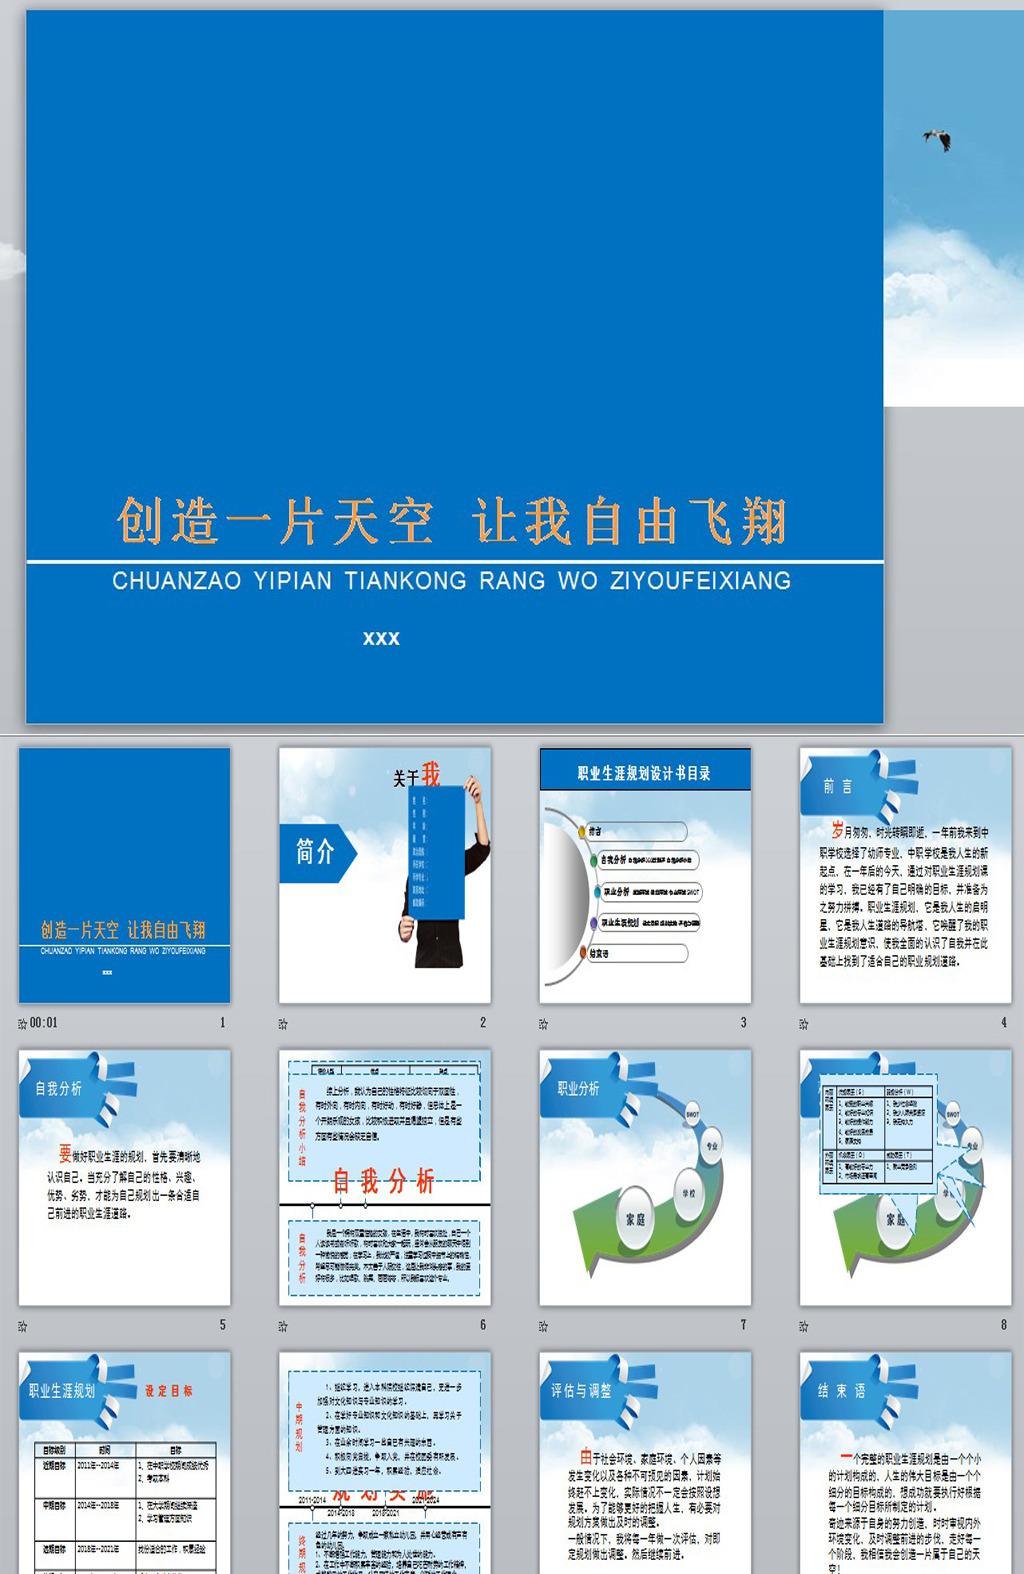 职业生涯规划ppt模板模板下载图片编号:12523530图片-it职业生涯规